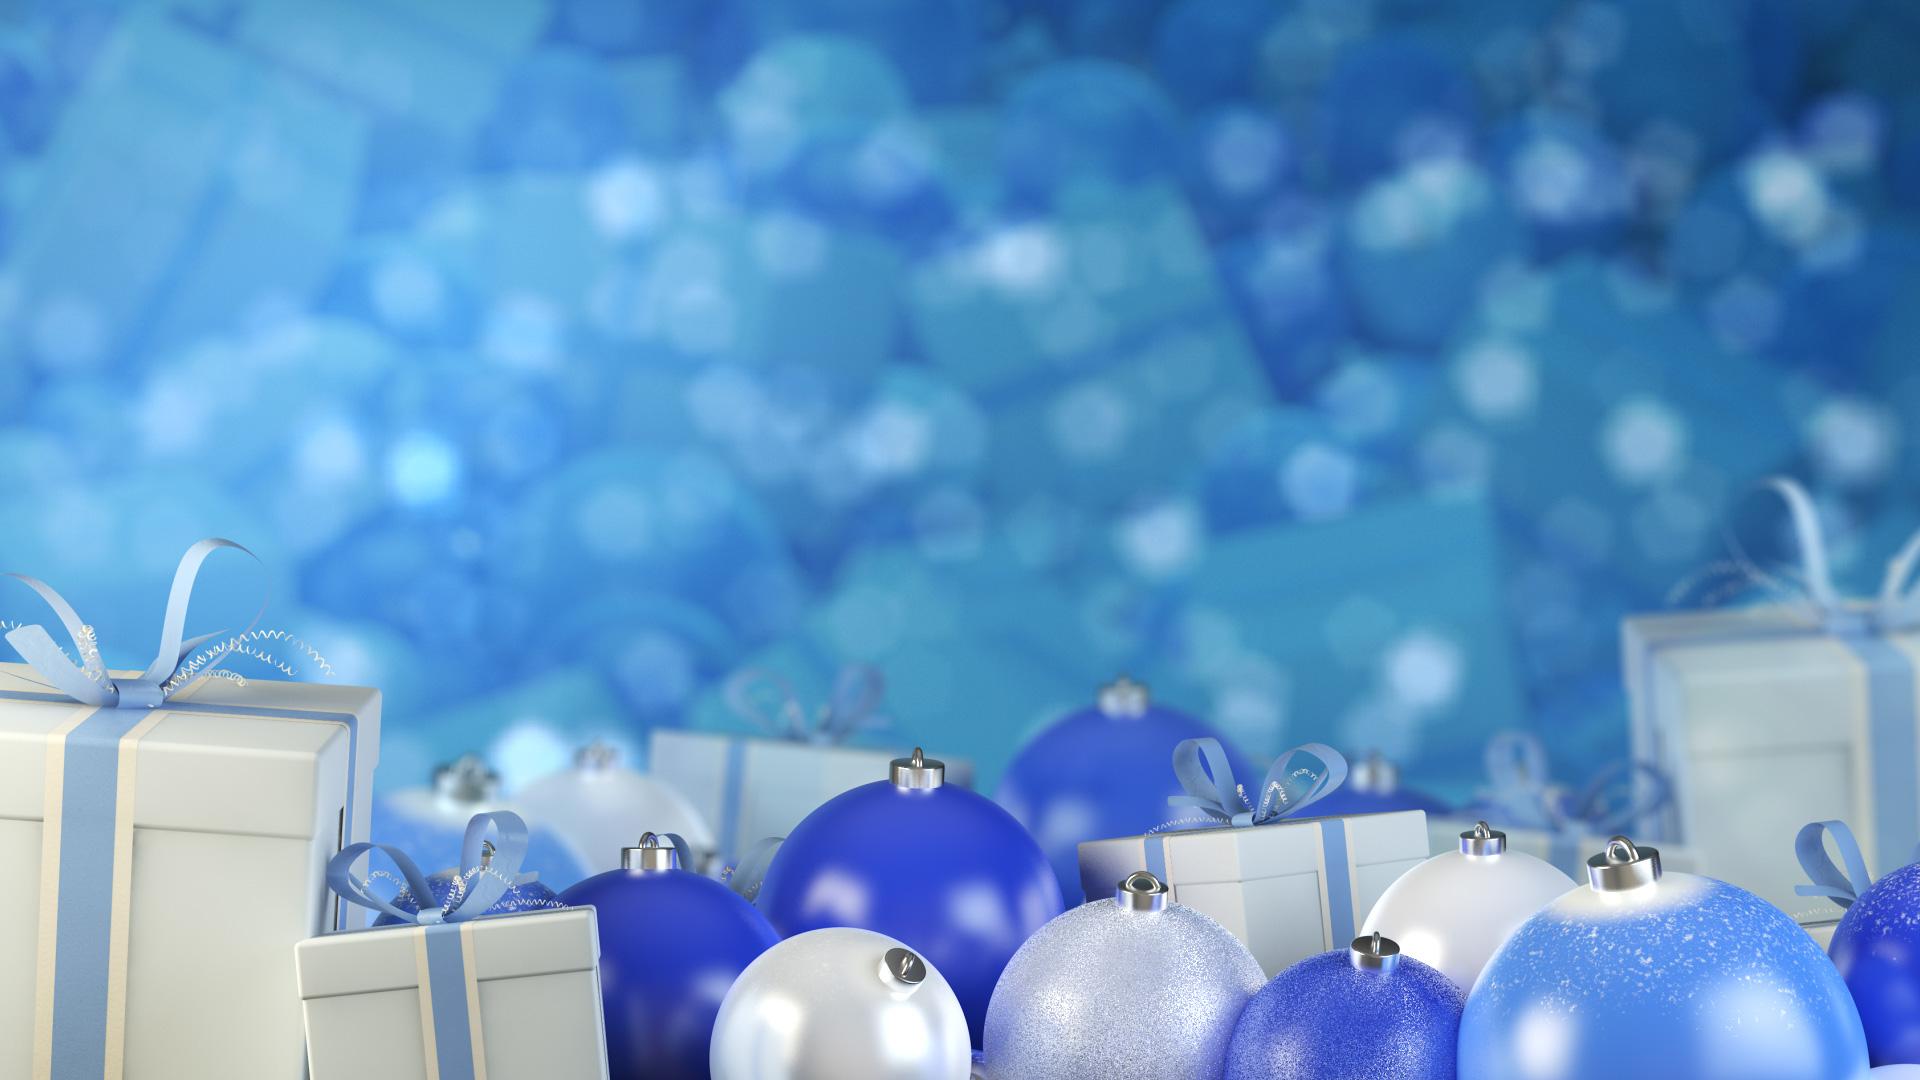 ChristmasLoop-03-16x9.jpg